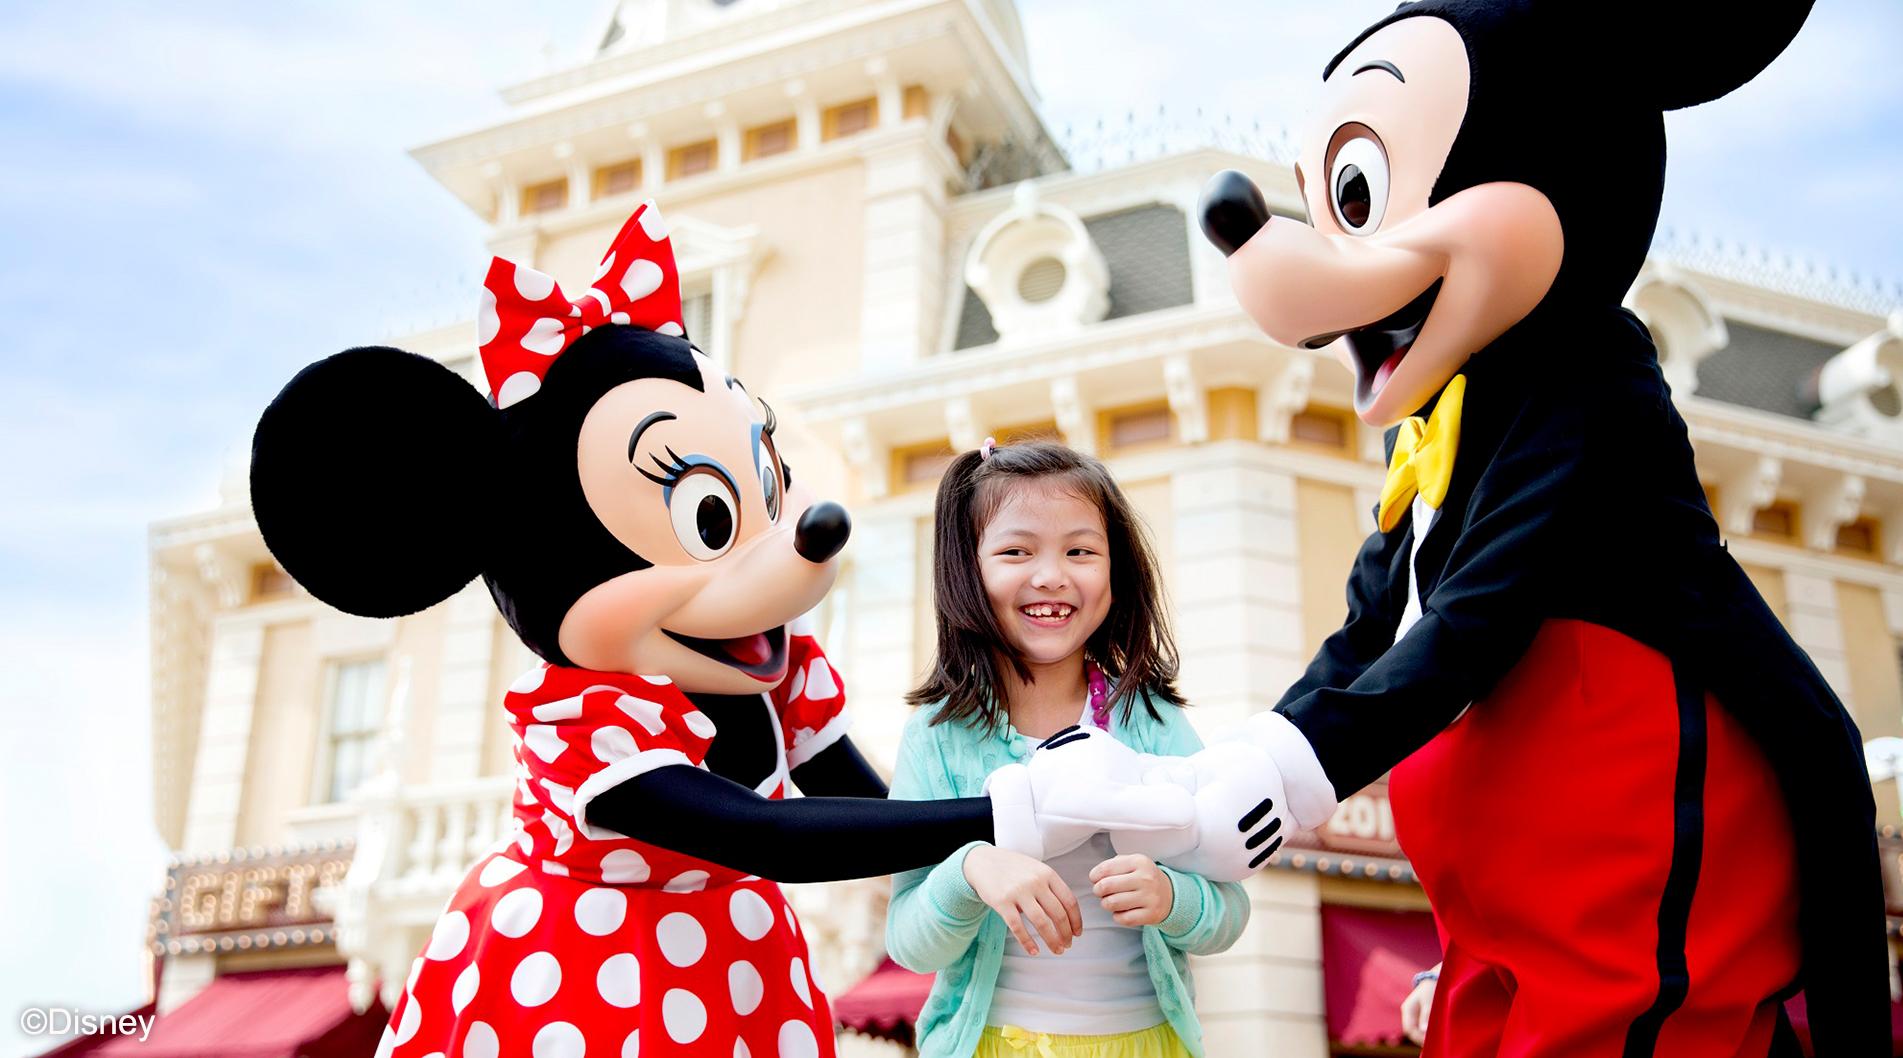 Mikcey and Minnie at Hong Kong Disneyland